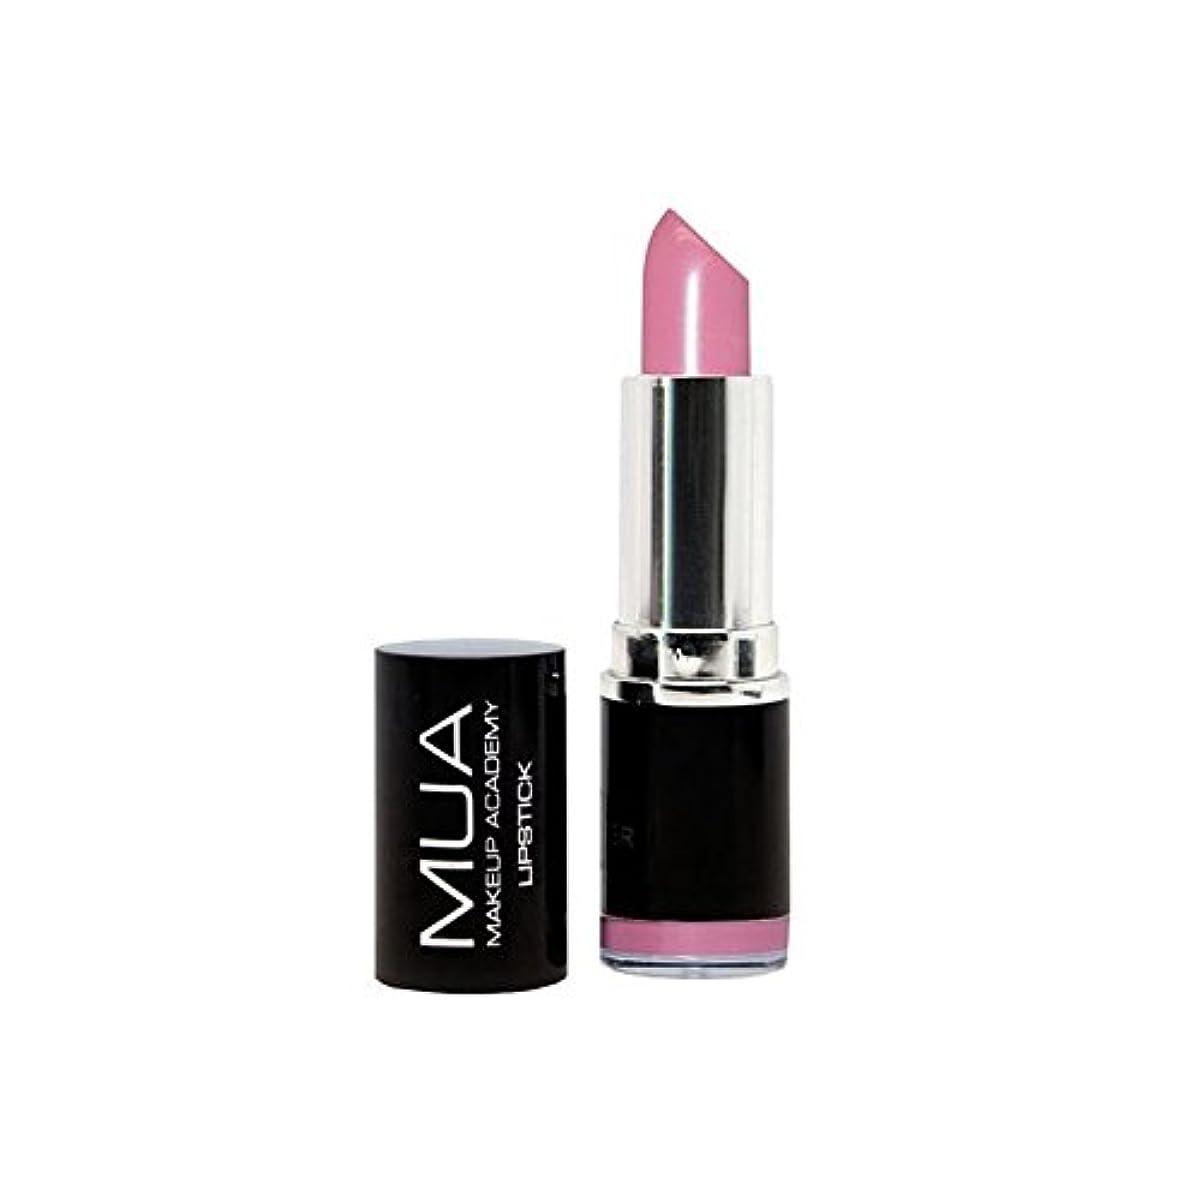 経度トリクル事件、出来事の口紅 - チューリップ x4 - MUA Lipstick - Tulip (Pack of 4) [並行輸入品]